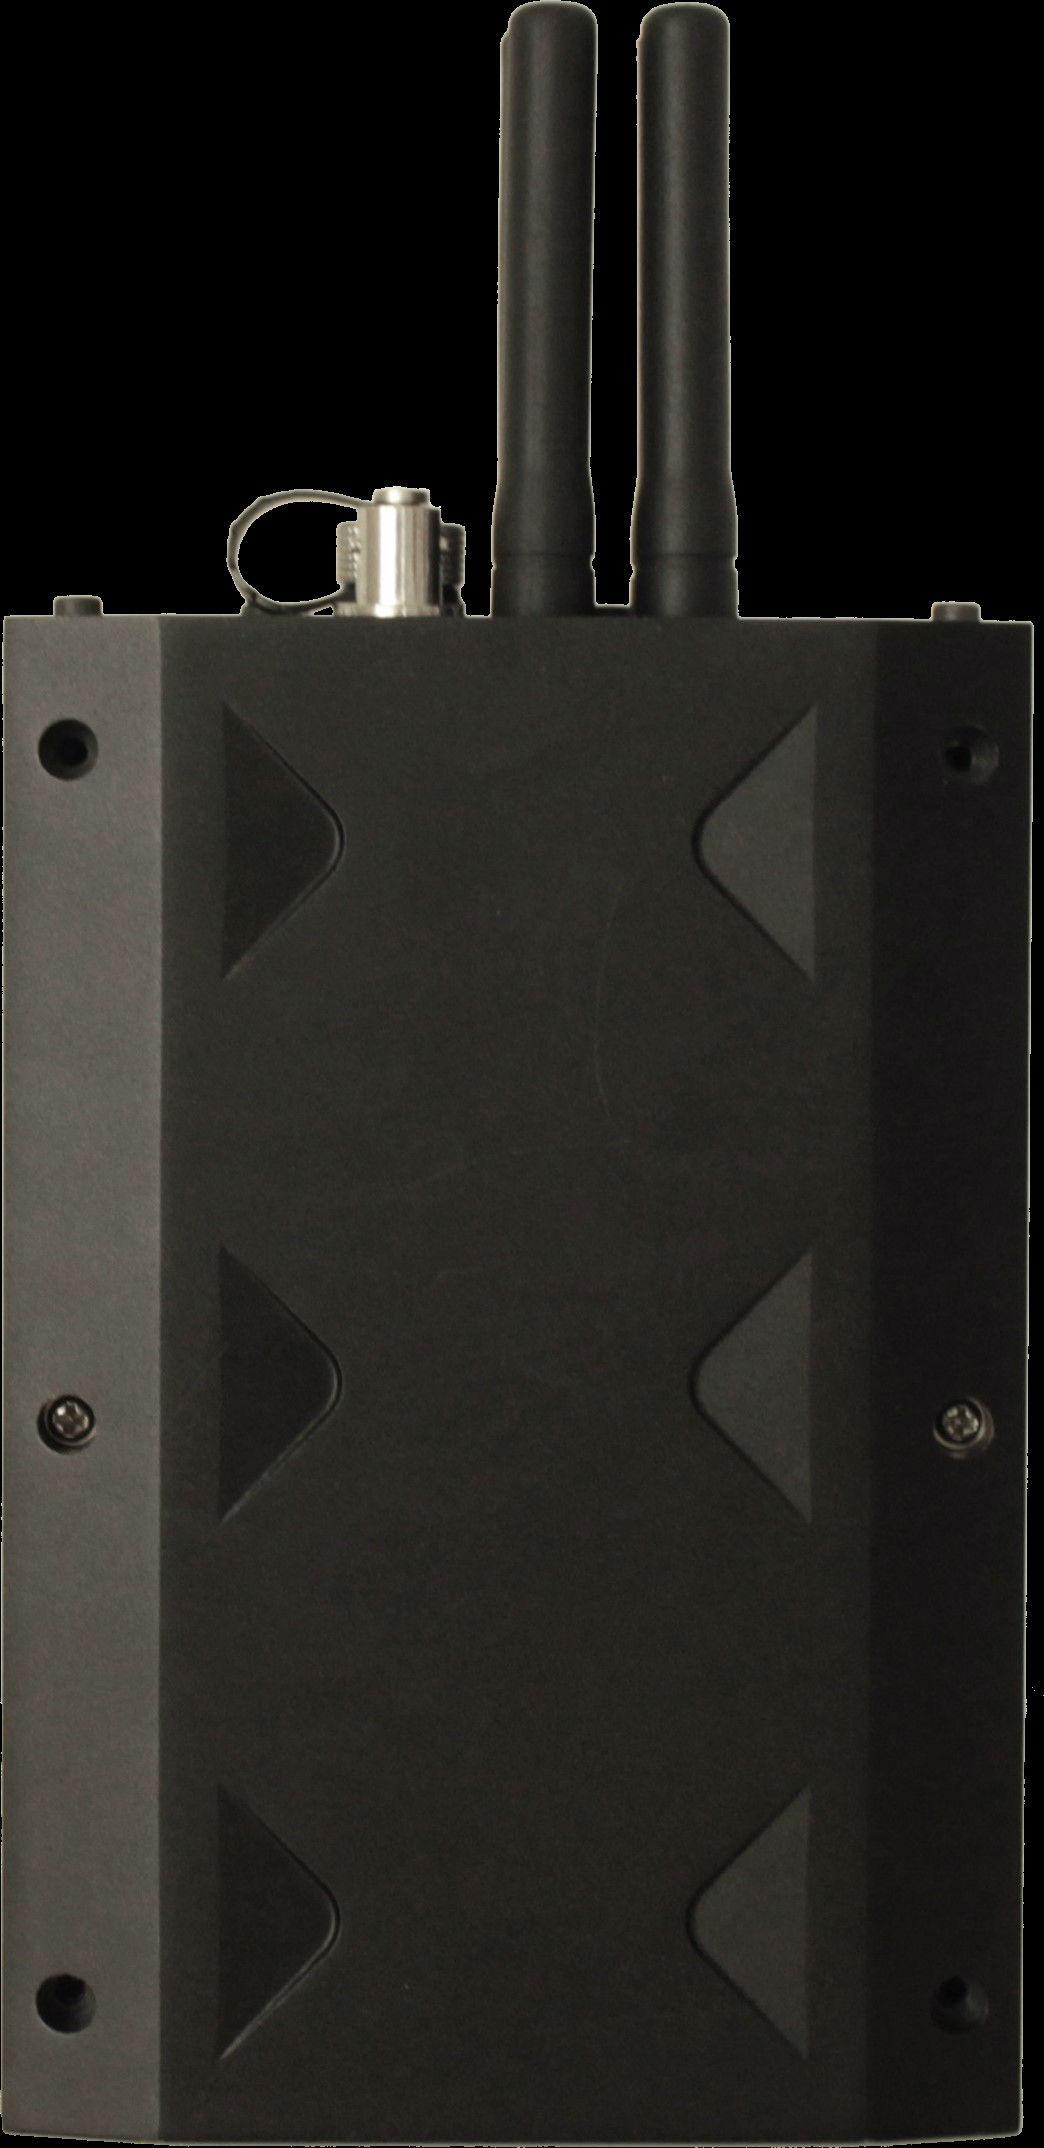 高清终端无线视频传输设备